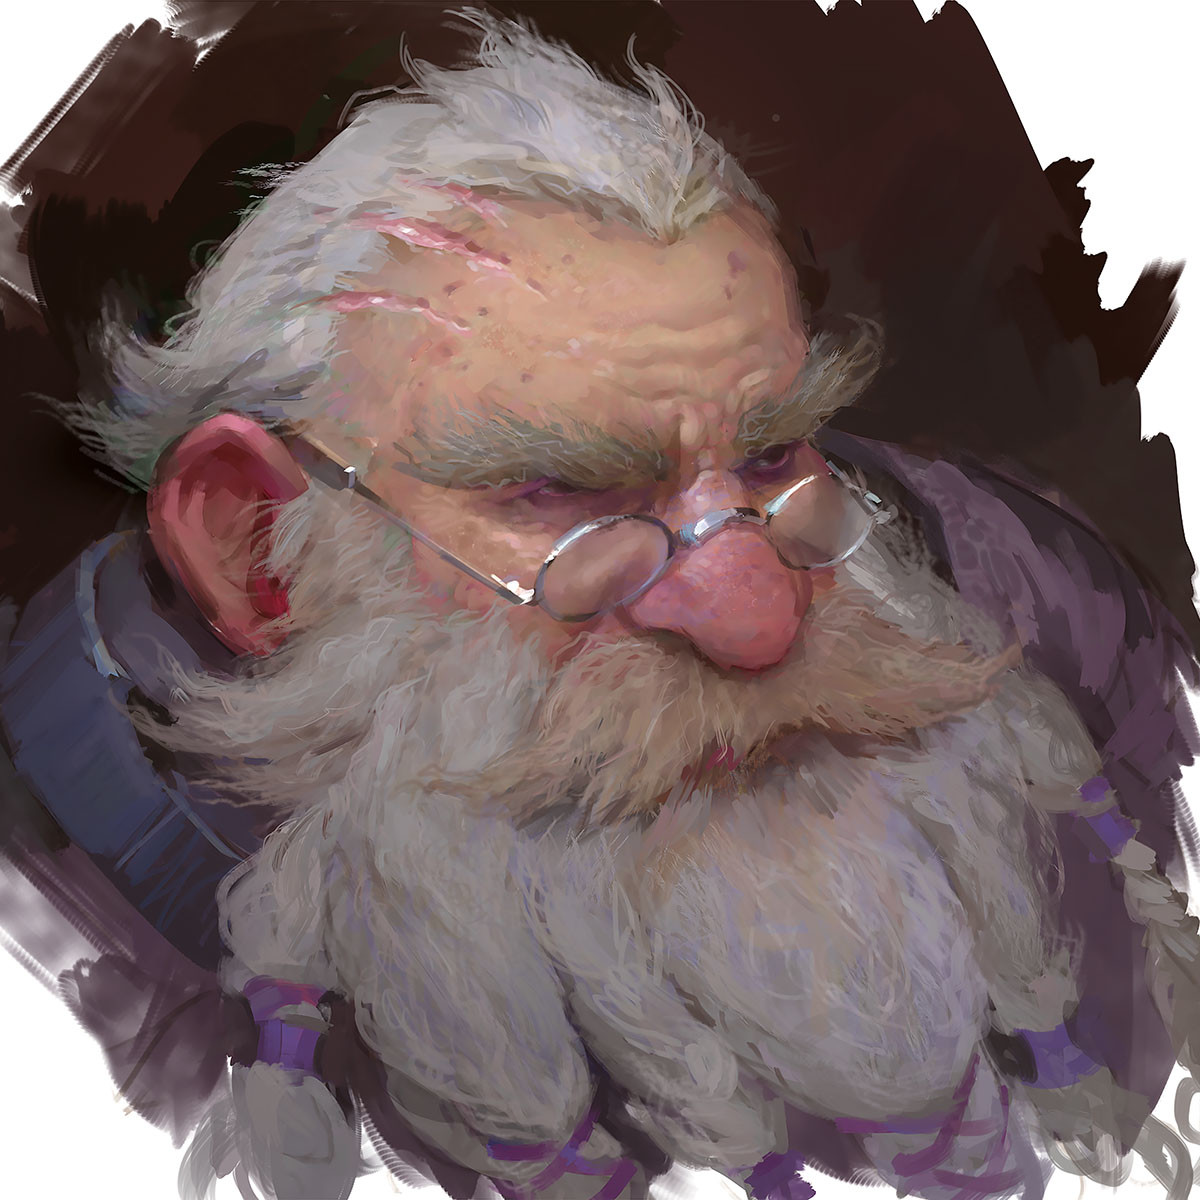 Clint cearley dwarf